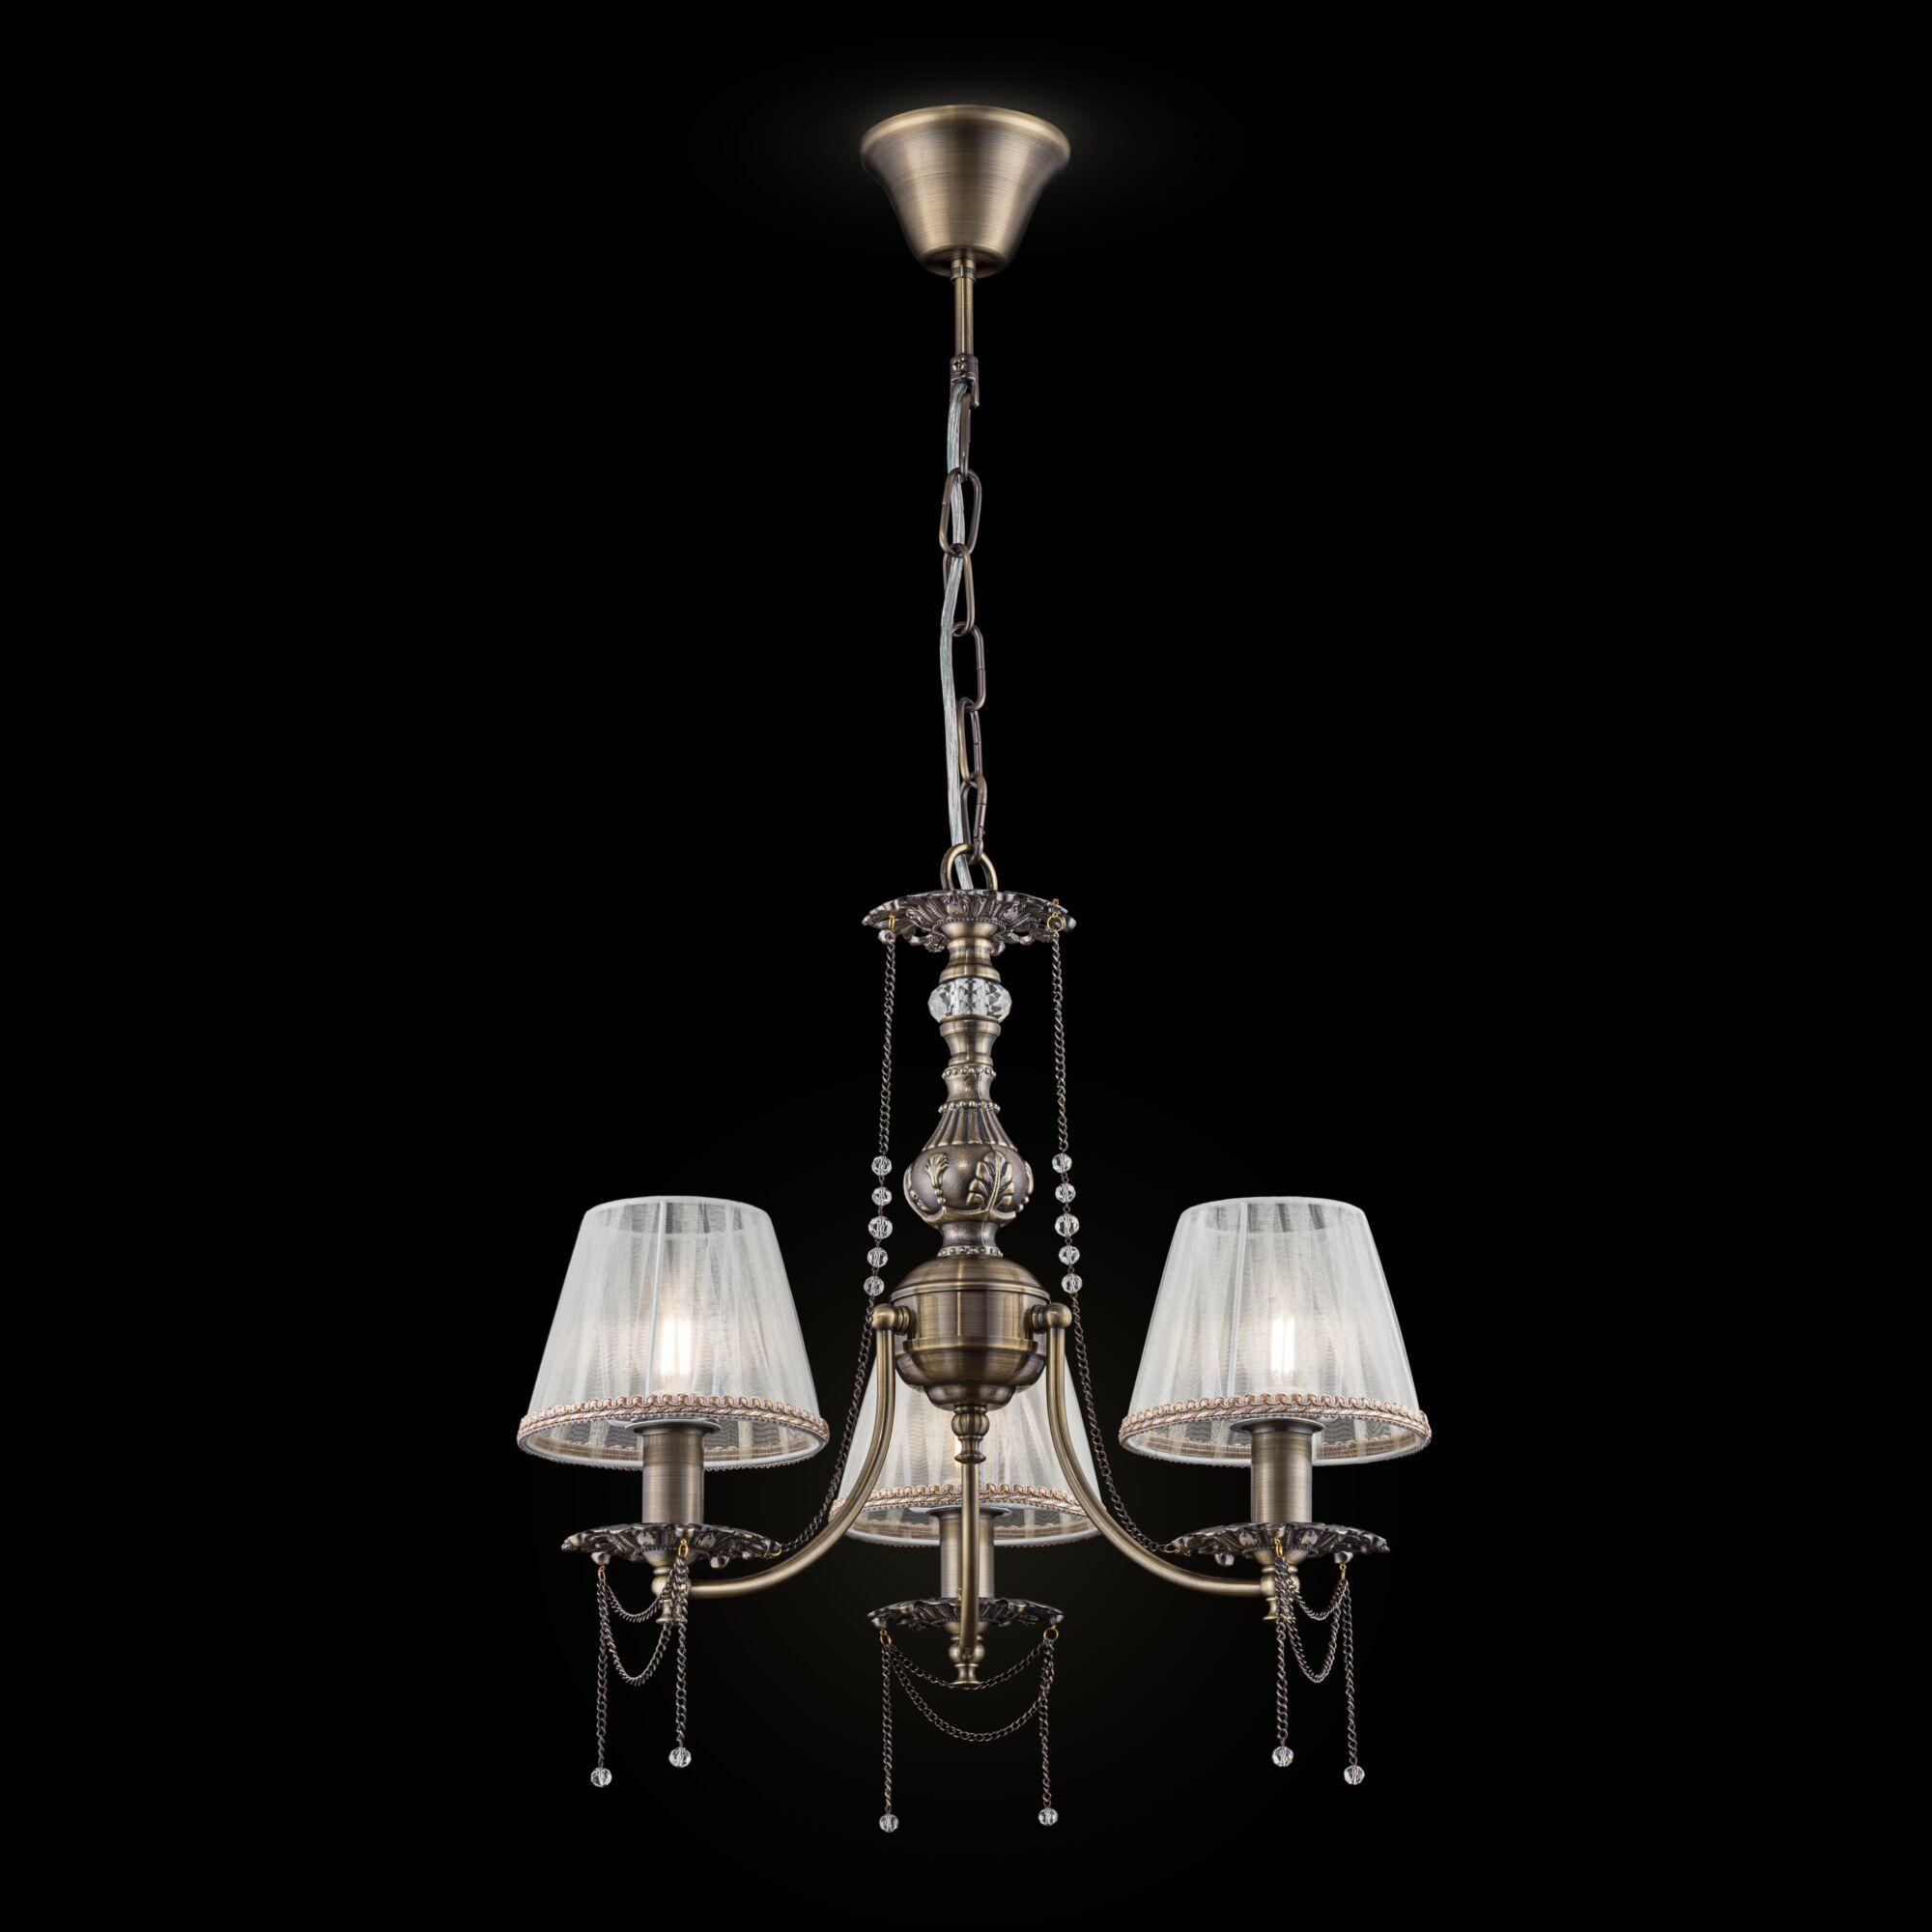 Подвесная люстра Maytoni Rapsodi RC305-PL-03-R (arm305-03-r), 3xE14x40W, бронза, белый, прозрачный, металл, текстиль, металл со стеклом - фото 2